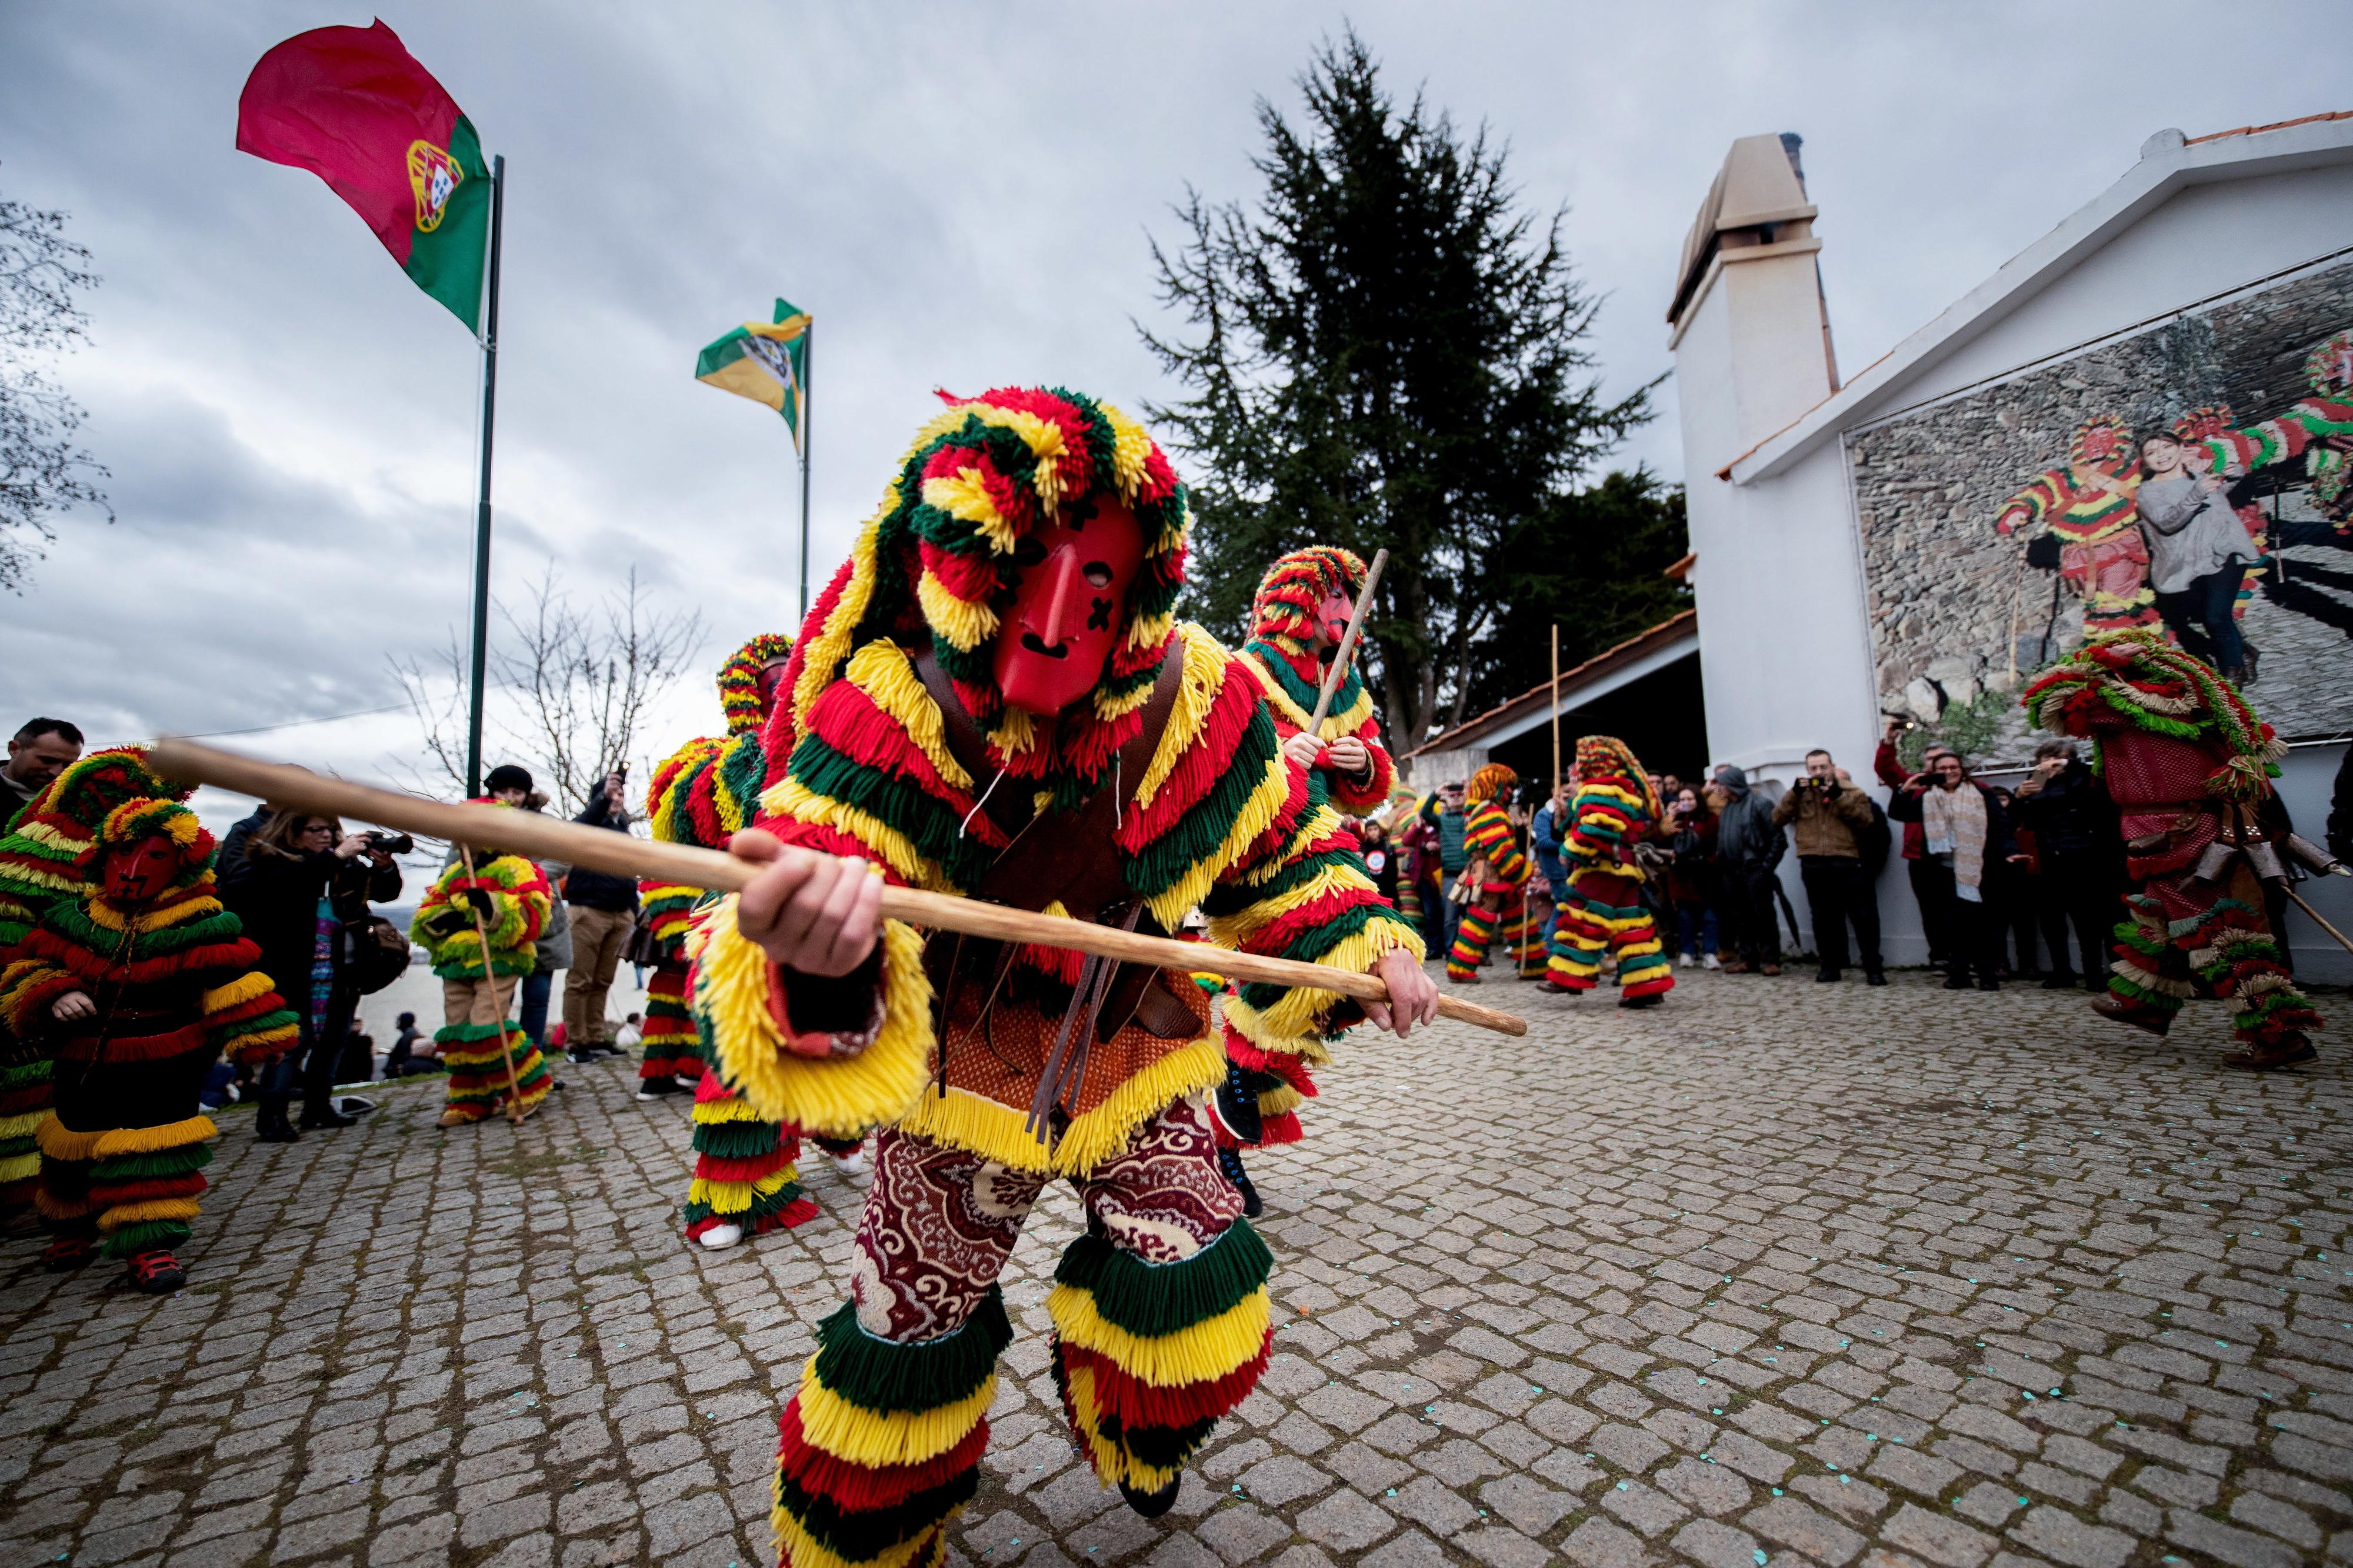 Macedo de Cavaleiros: Para ver a festa dos caretos e uma das Sete Maravilhas Naturais de Portugal